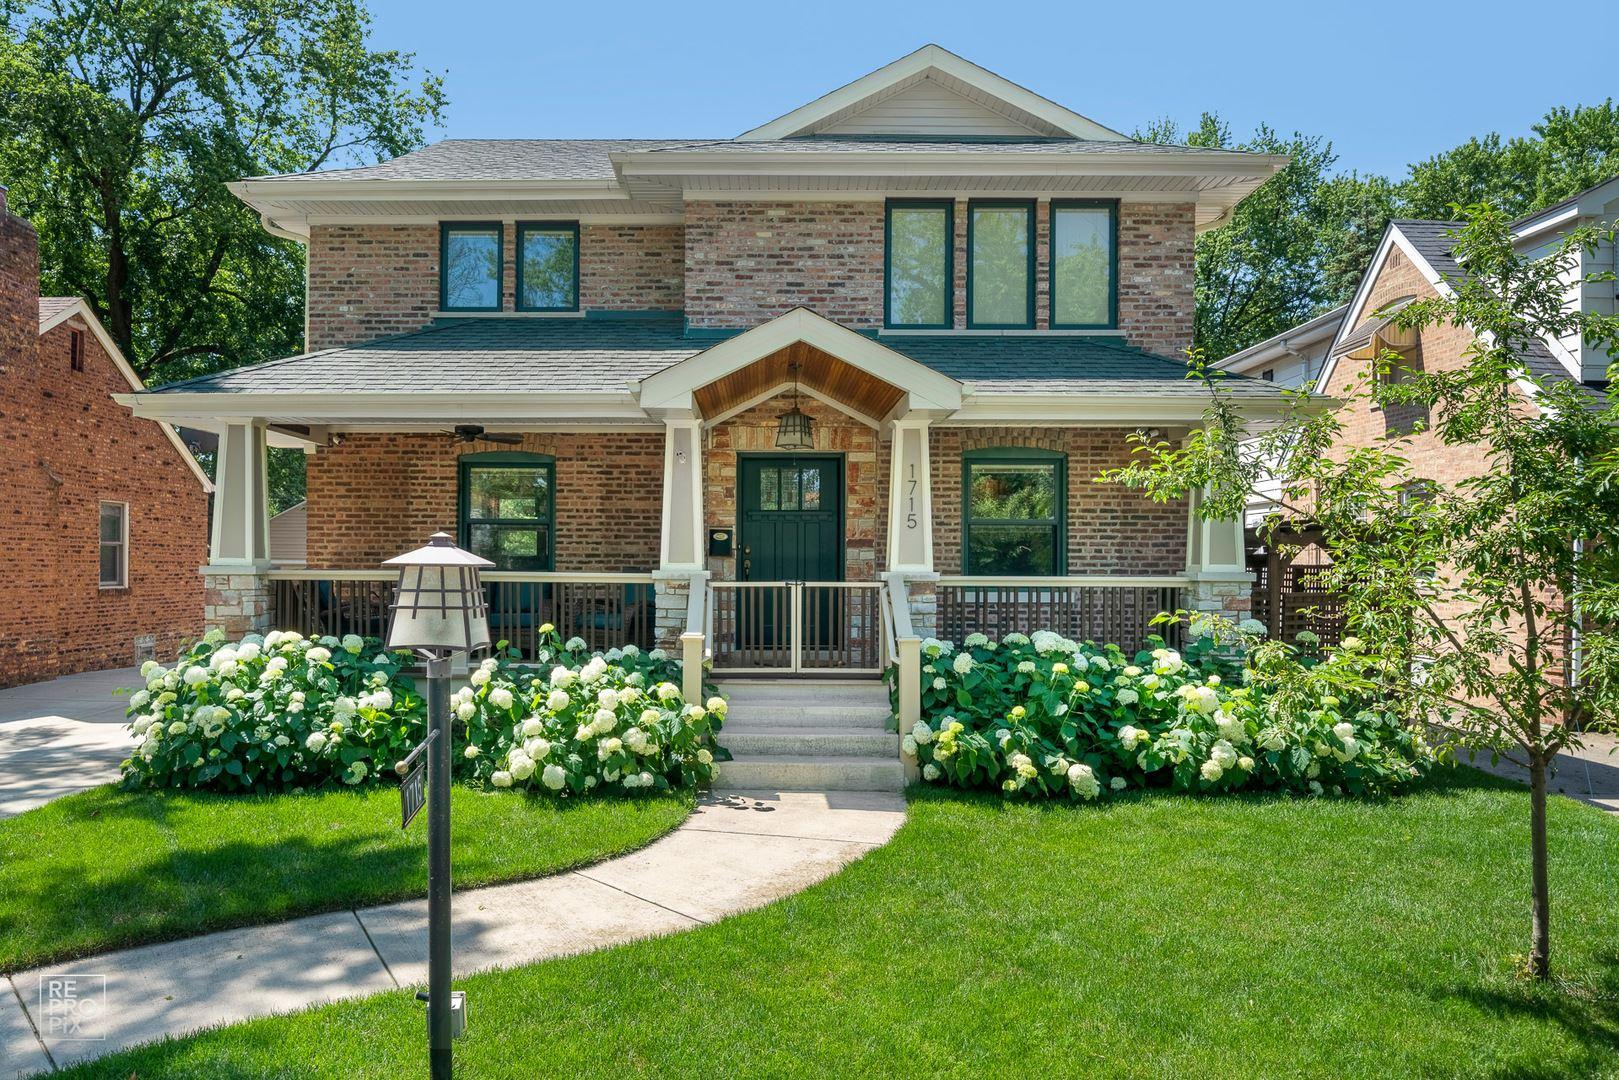 1715 Whitcomb Avenue, Des Plaines, IL 60018 - #: 10764221